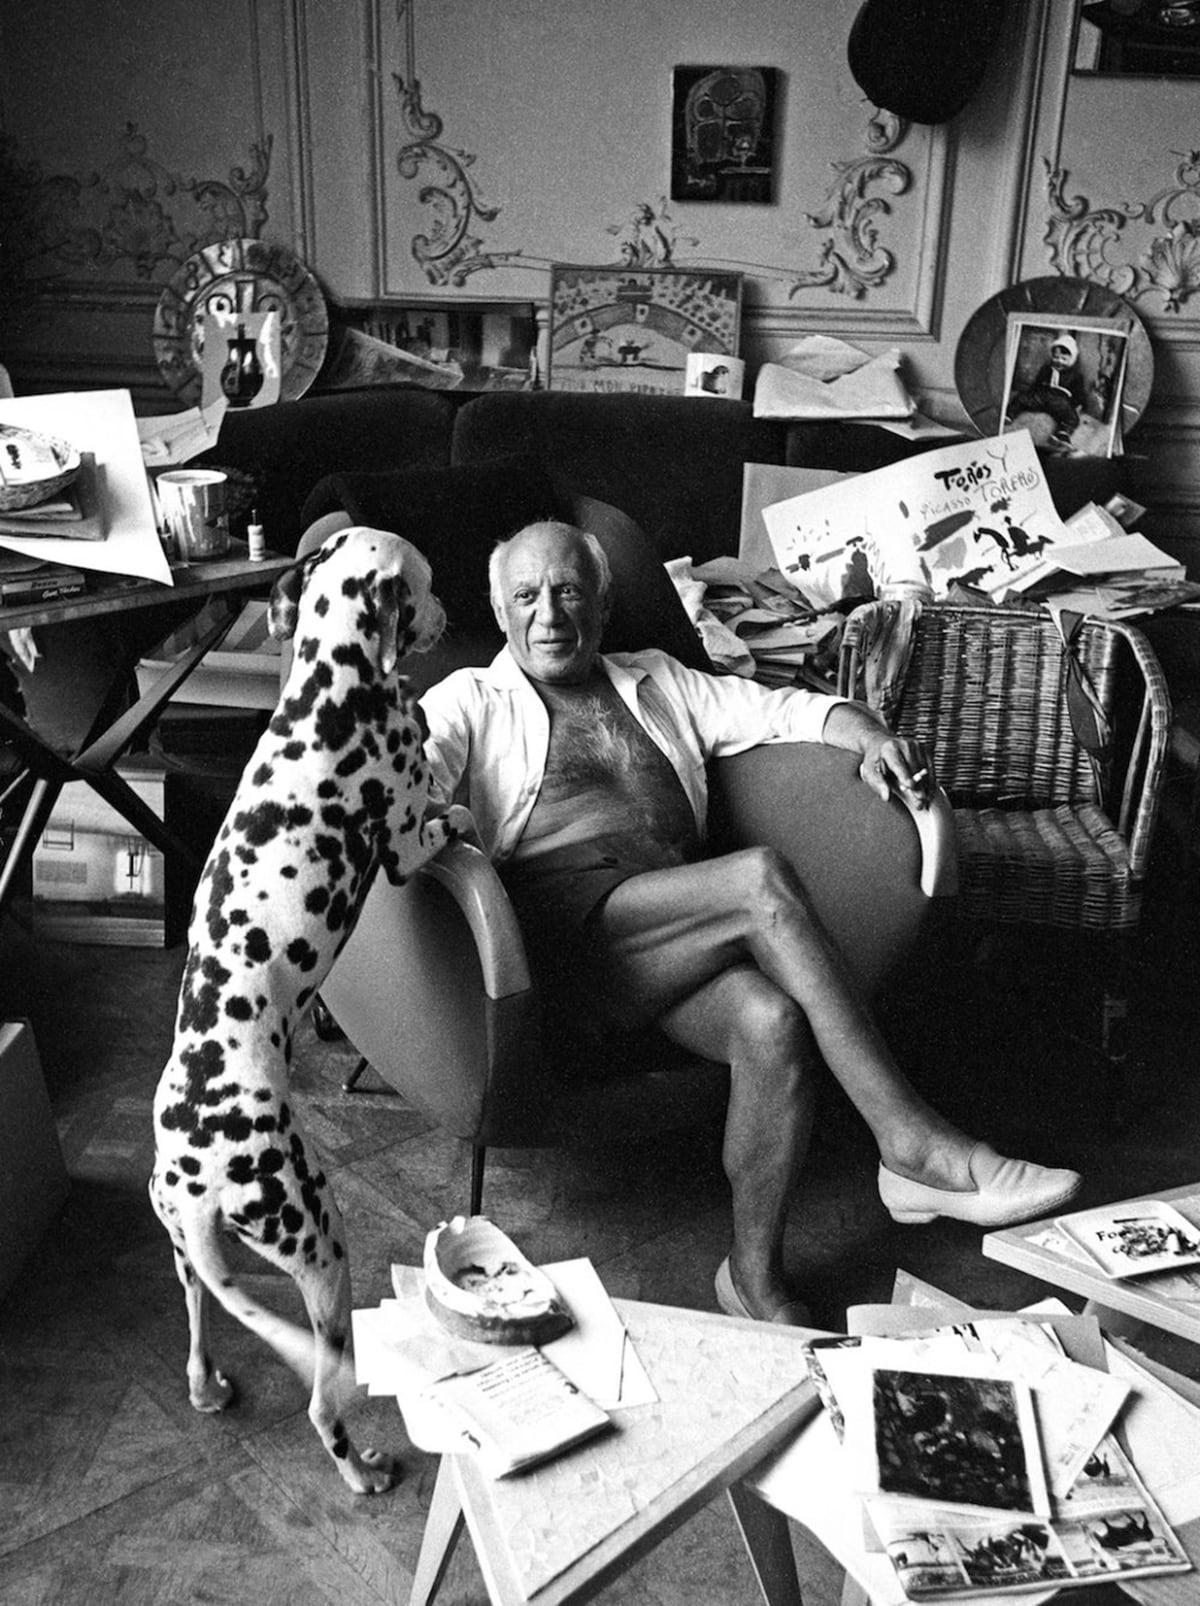 Edward Quinn, Pablo Picasso and his Dog Perro, Villa la Californie, Cannes, 1961